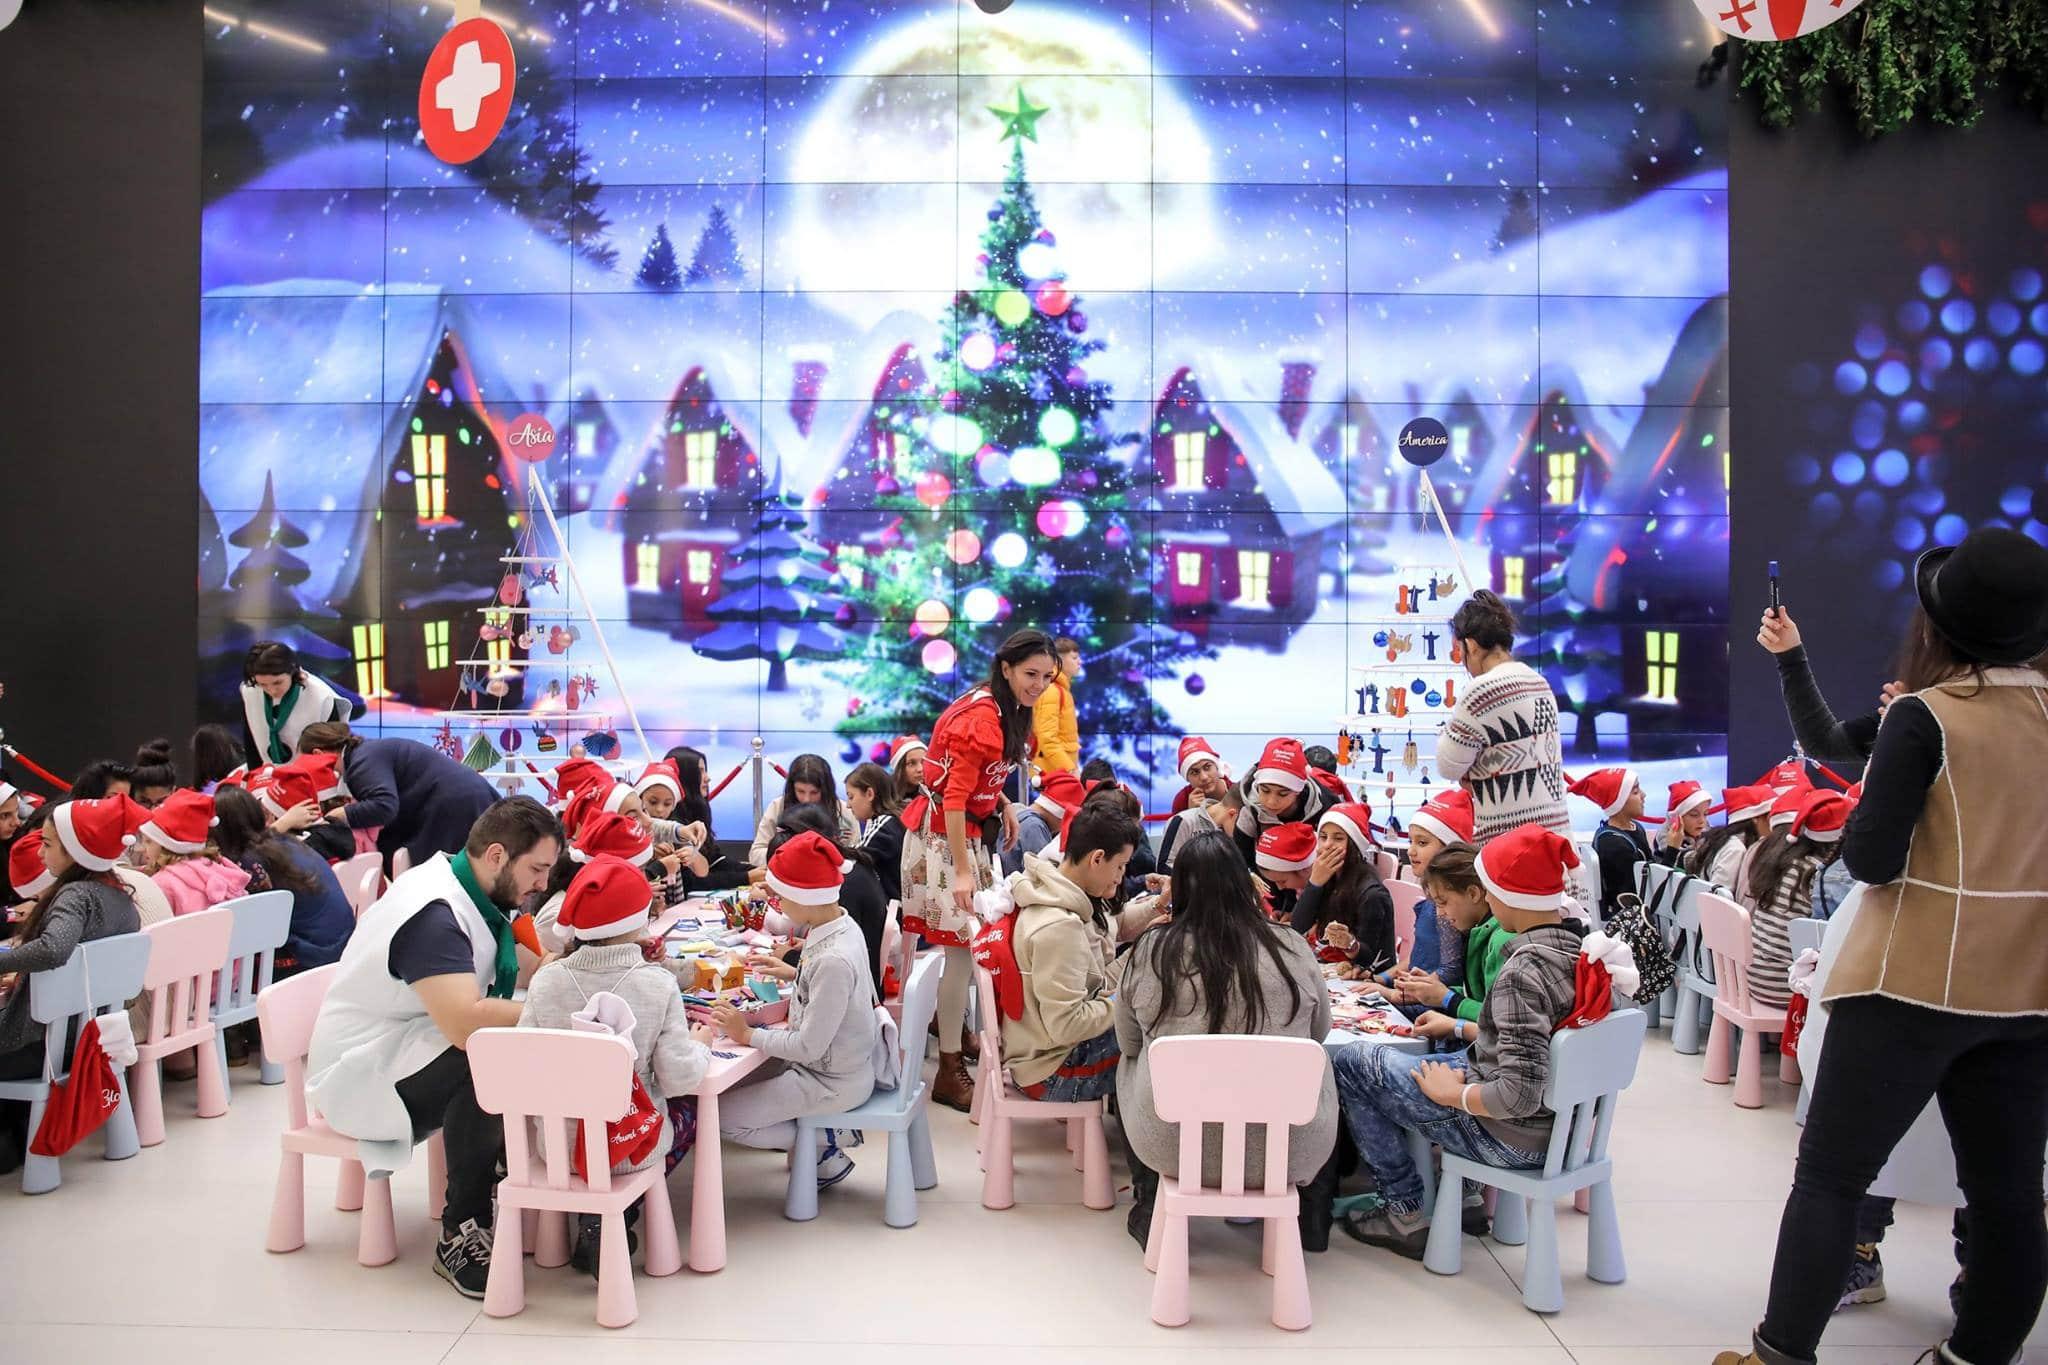 Corporatiștii se unesc la birou pentru a da o mână de ajutor lui Moș Crăciun